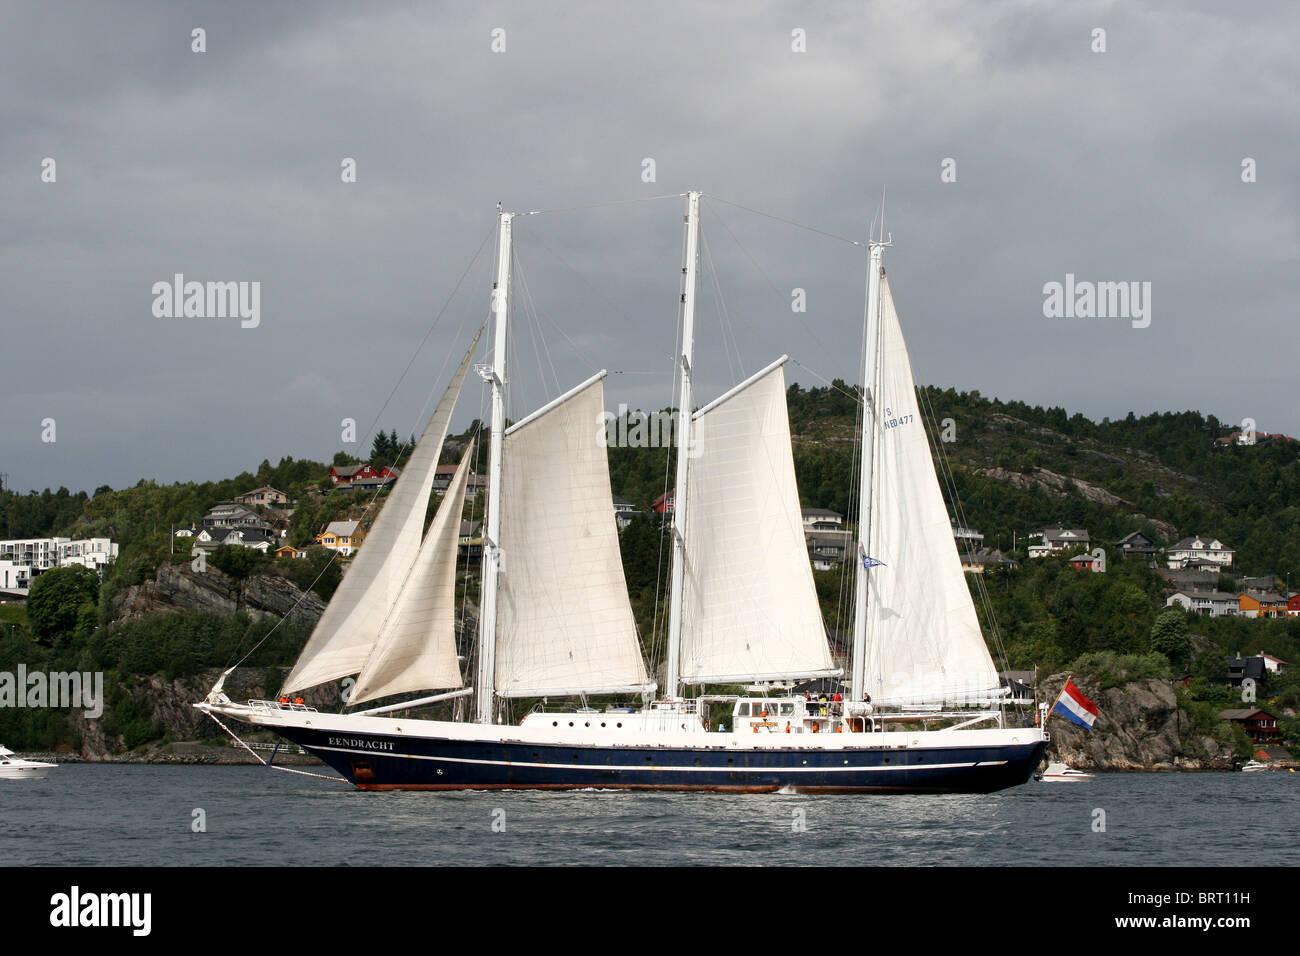 Eenderacht, The Tall Ships Races 2008, Bergen - Stock Image